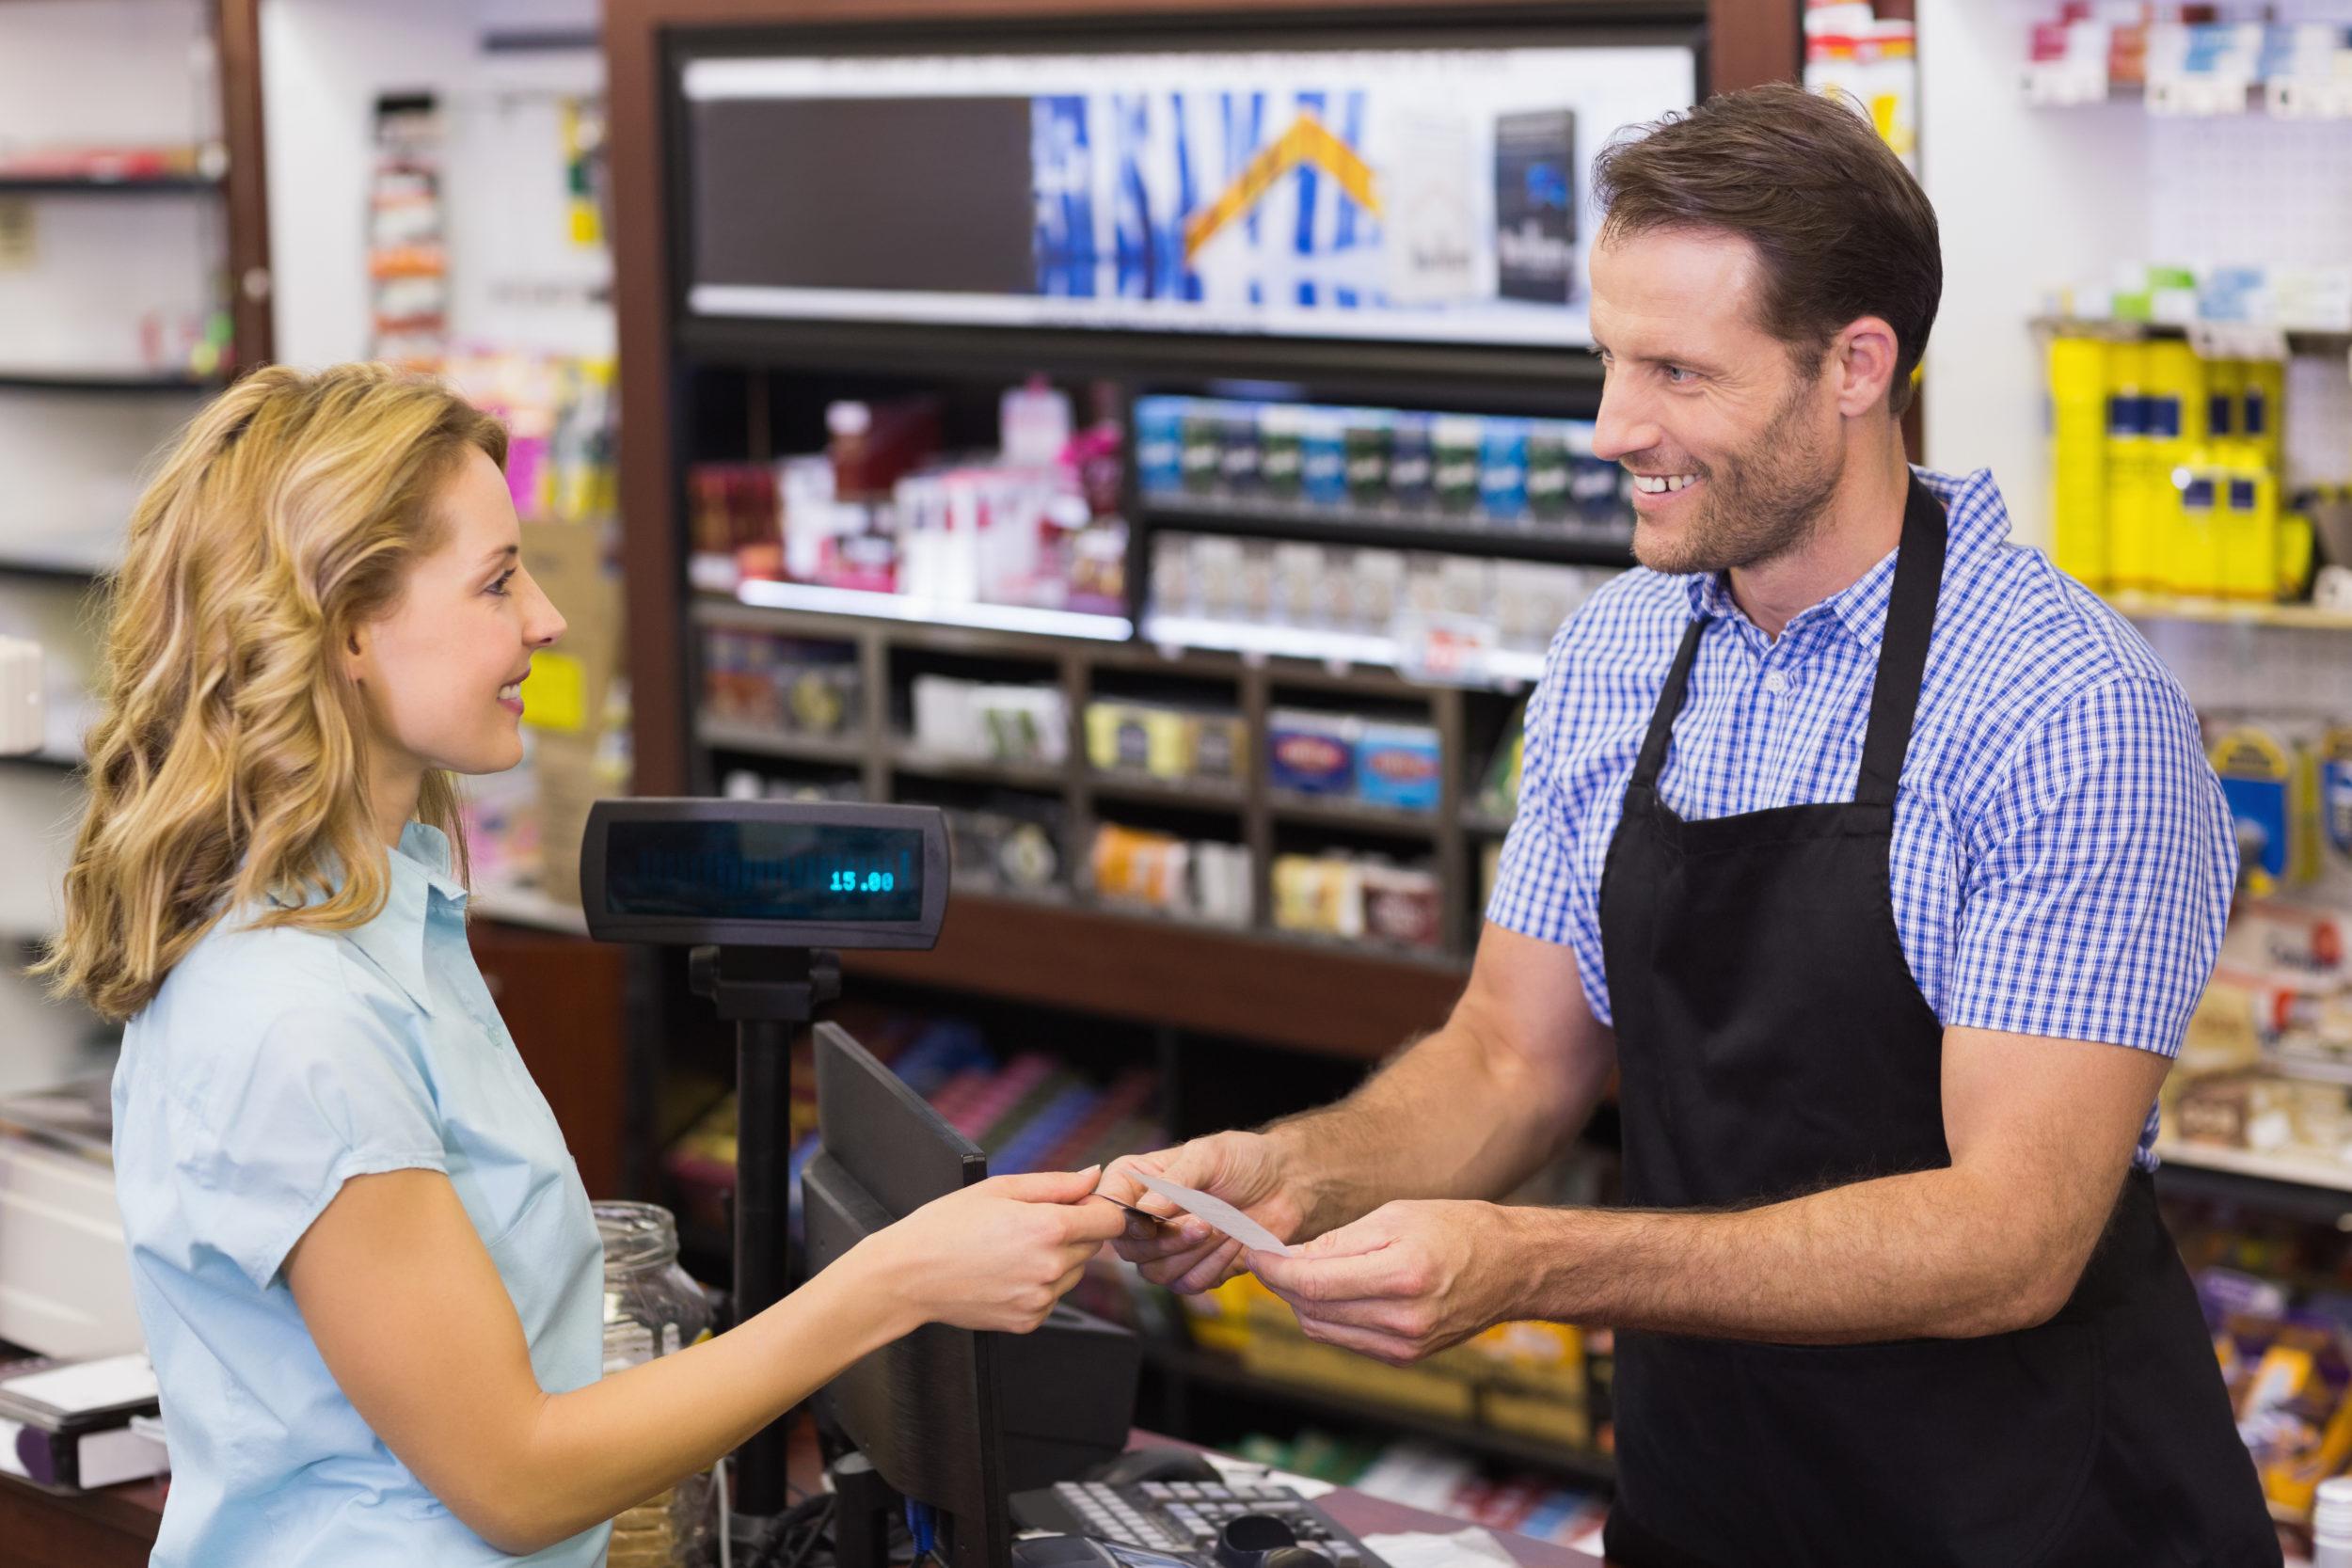 Femme effectuant un achat avec une carte de crédit dans un commerce